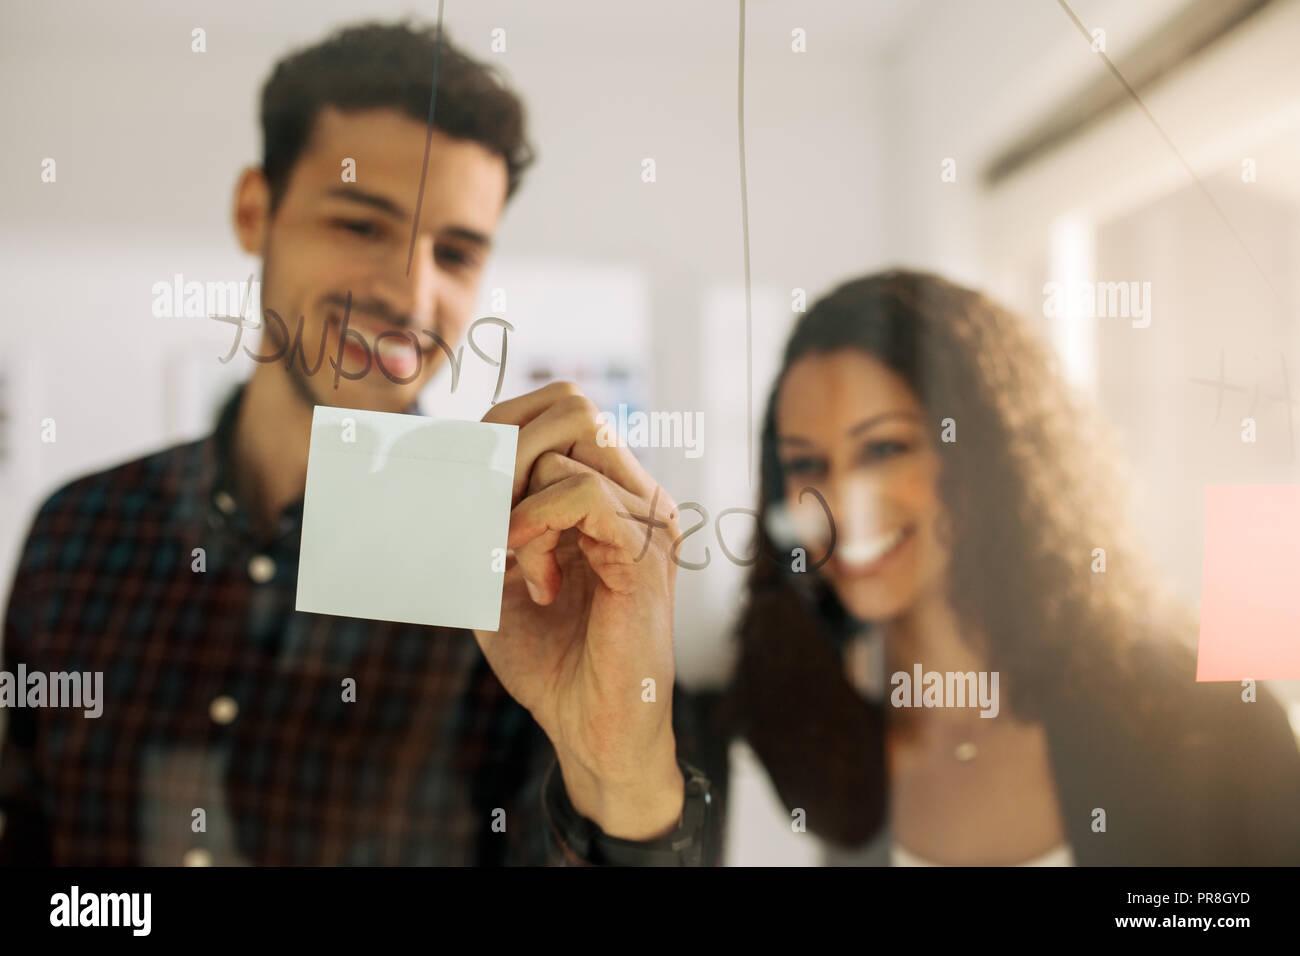 Azienda giovane scrivendo su foglietti adesivi incollato sulla parete di vetro trasparente in ufficio. Ufficio i colleghi discutere di affari di idee e progetti su un transpa Immagini Stock